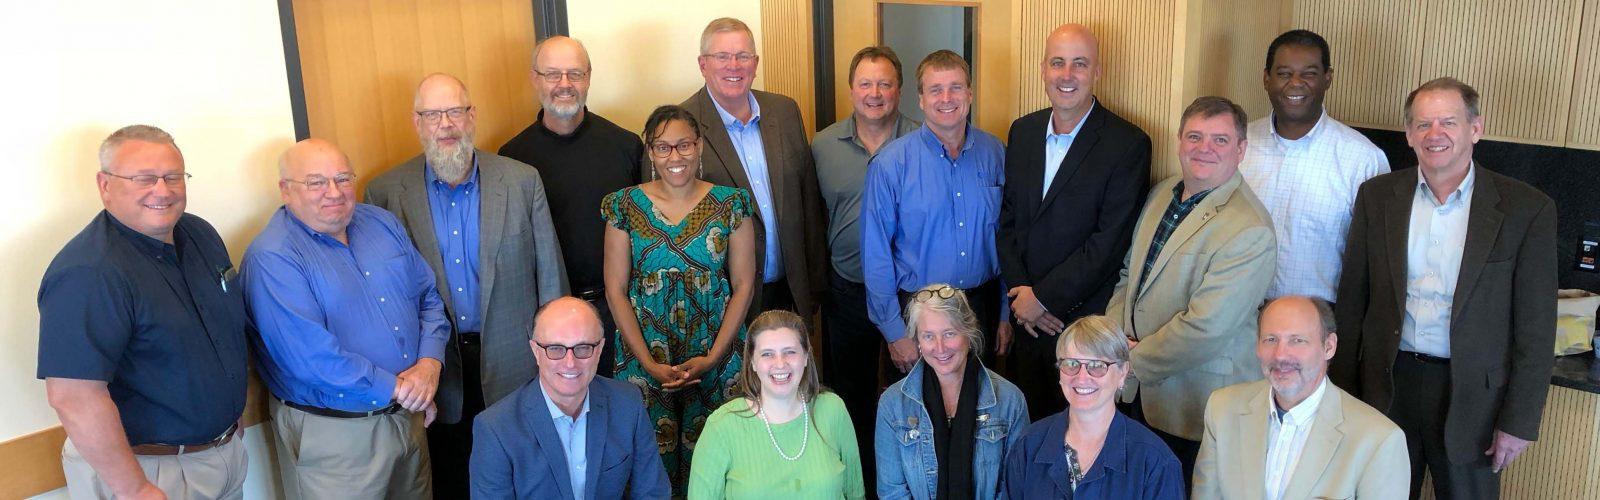 UWCC Advisory Committee